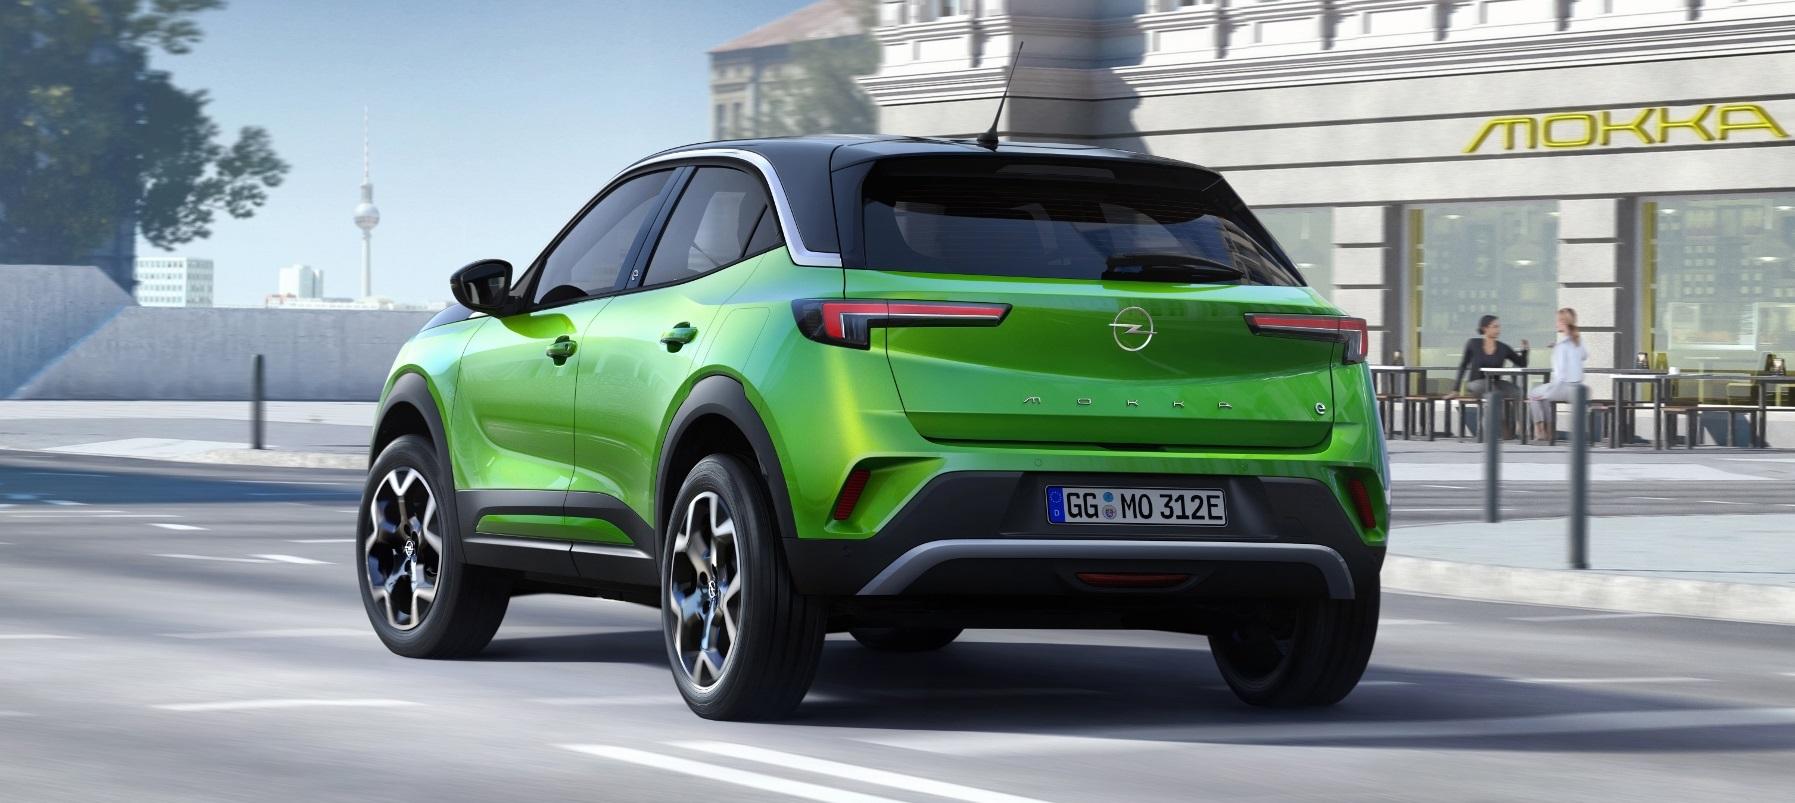 Opel Mokka sa od súrodencov odlíši odvážnym dizajnom 8Oac8hkqxp 03-opel-mokka-e-512165-1800x1012